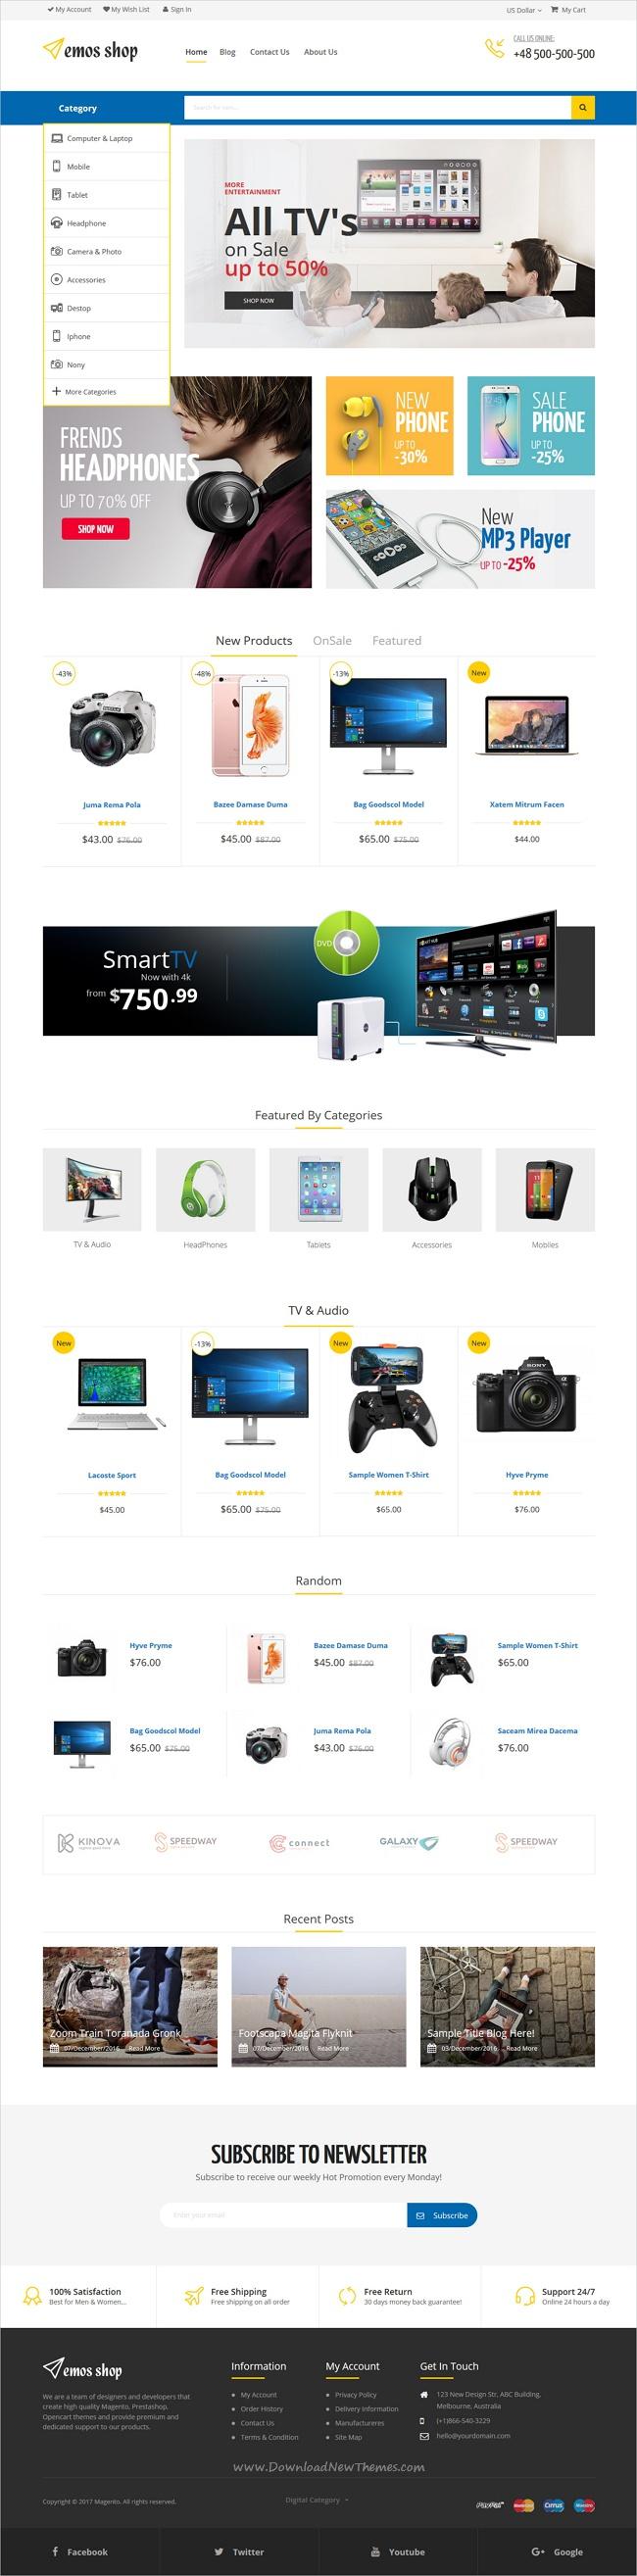 Großzügig E Commerce Websitevorlage Fotos - Beispiel Wiederaufnahme ...